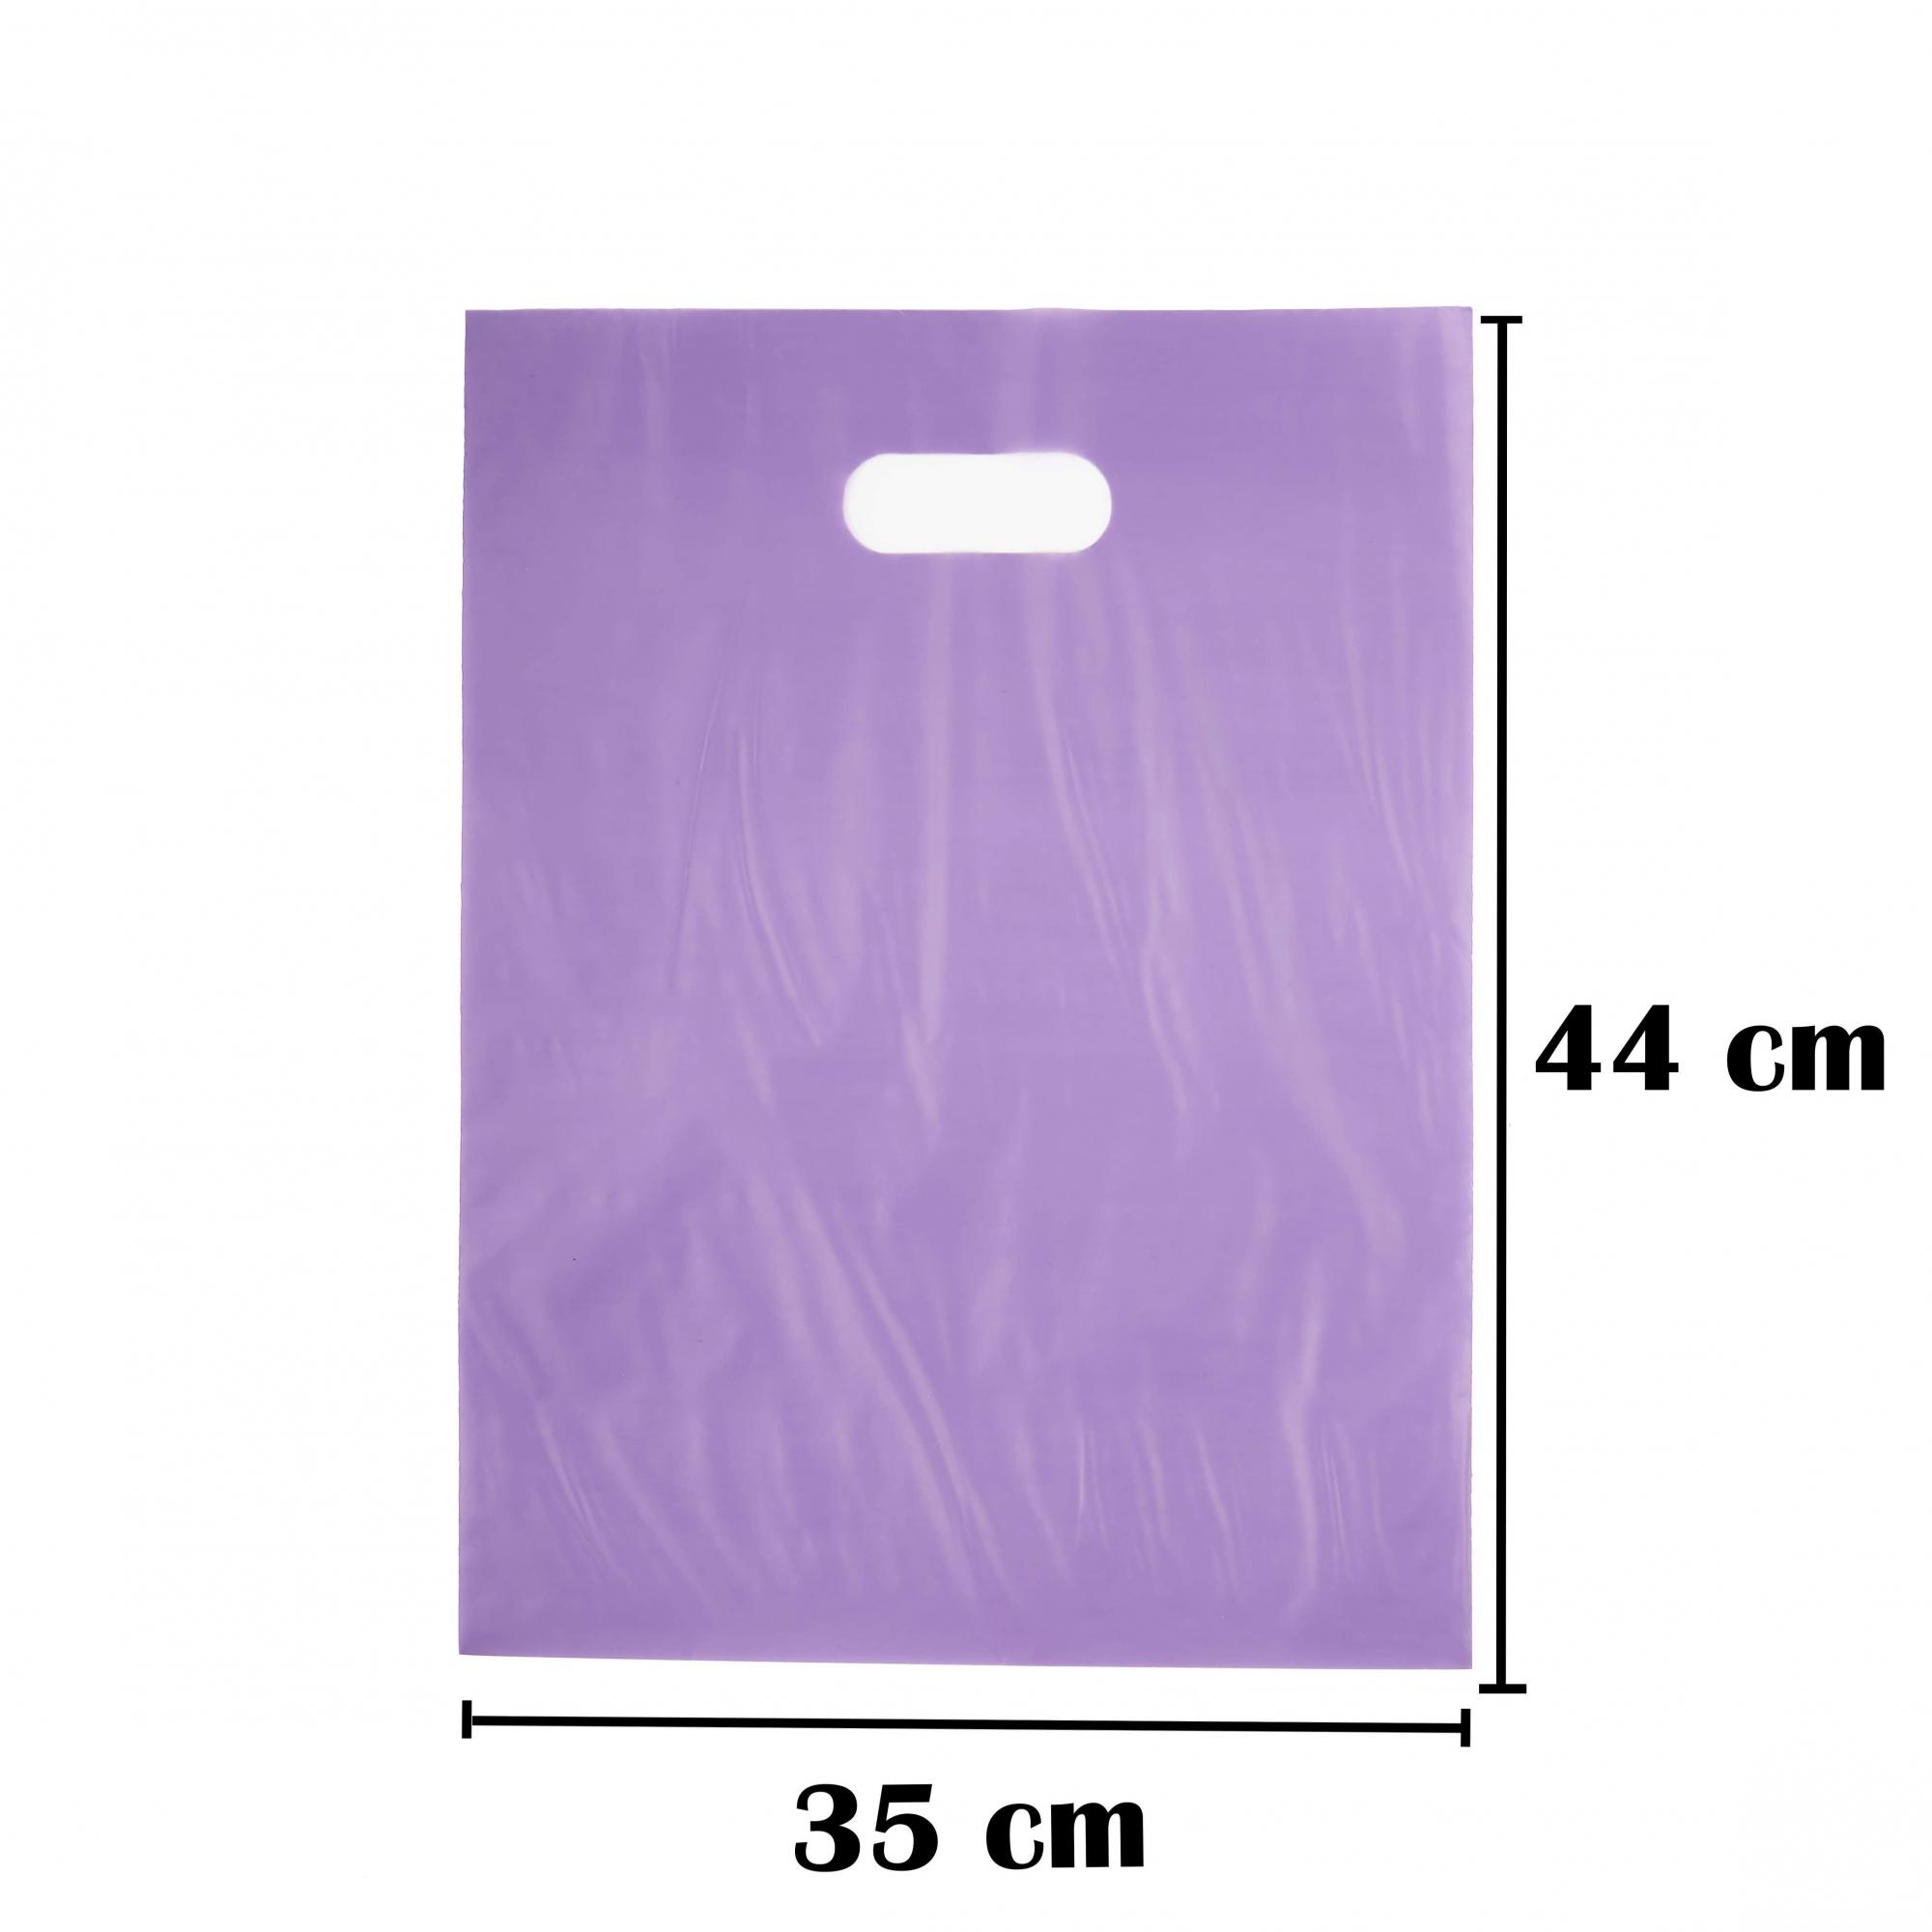 Sacola Plástica 35x44 Roxa Alça Boca de Palhaço 50 Unidades